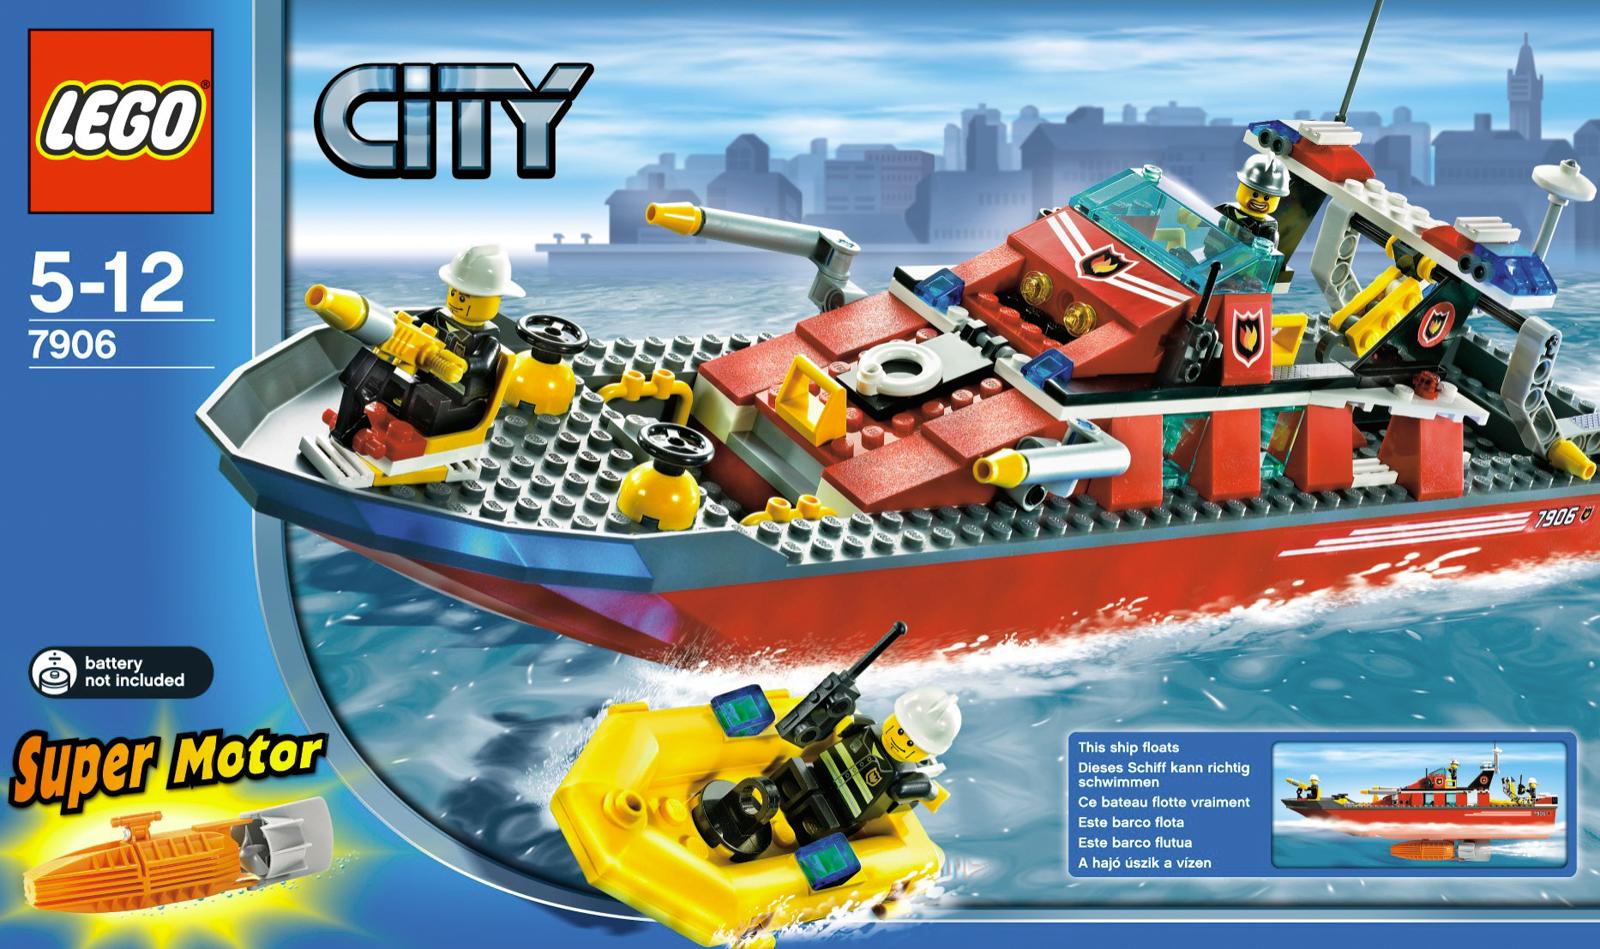 LEGO _008.jpg